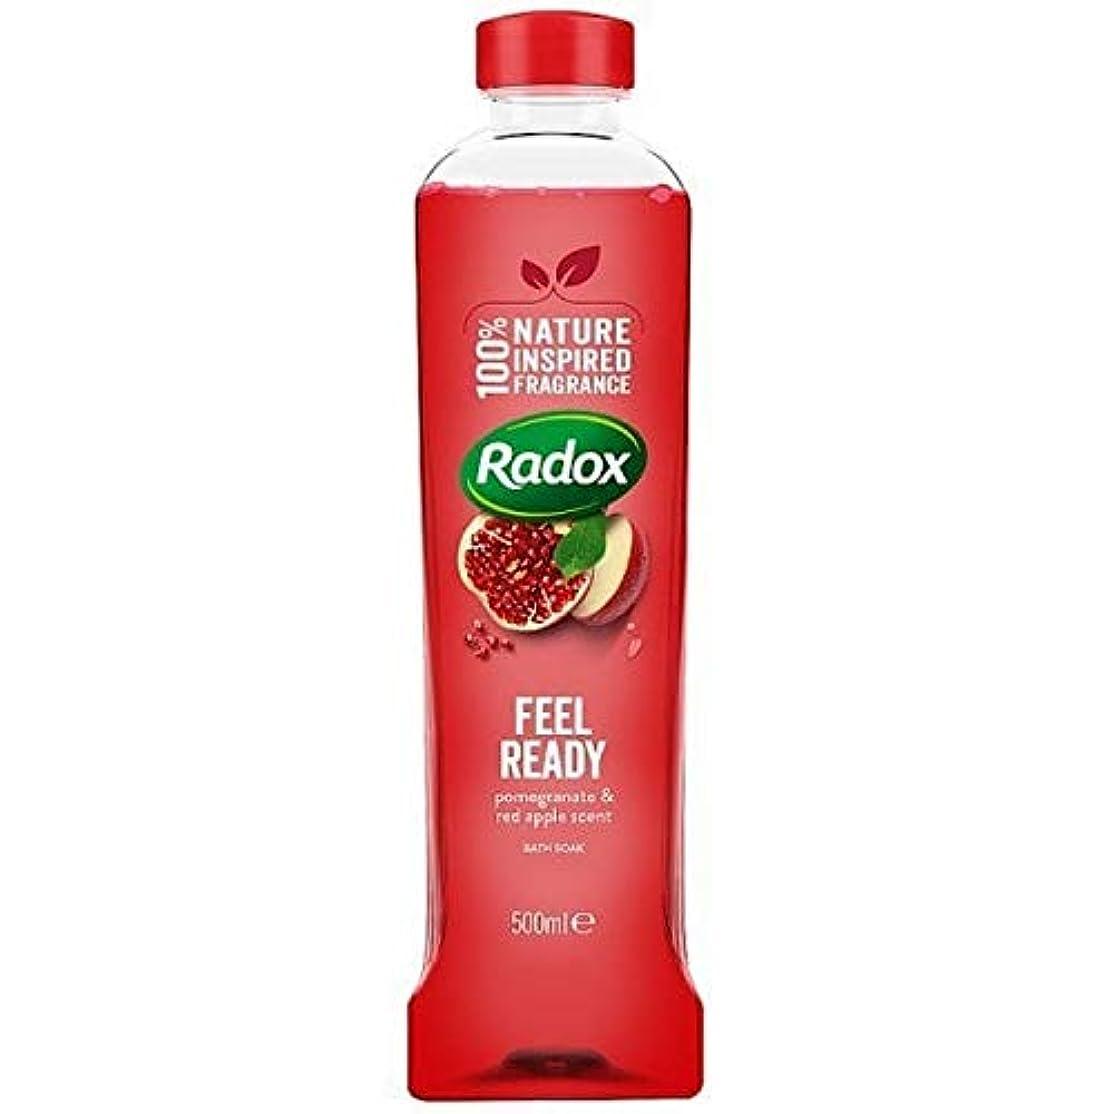 生き返らせるしなやかな採用する[Radox] Radoxは500ミリリットルを浸し準備風呂を感じます - Radox Feel Ready Bath Soak 500ml [並行輸入品]